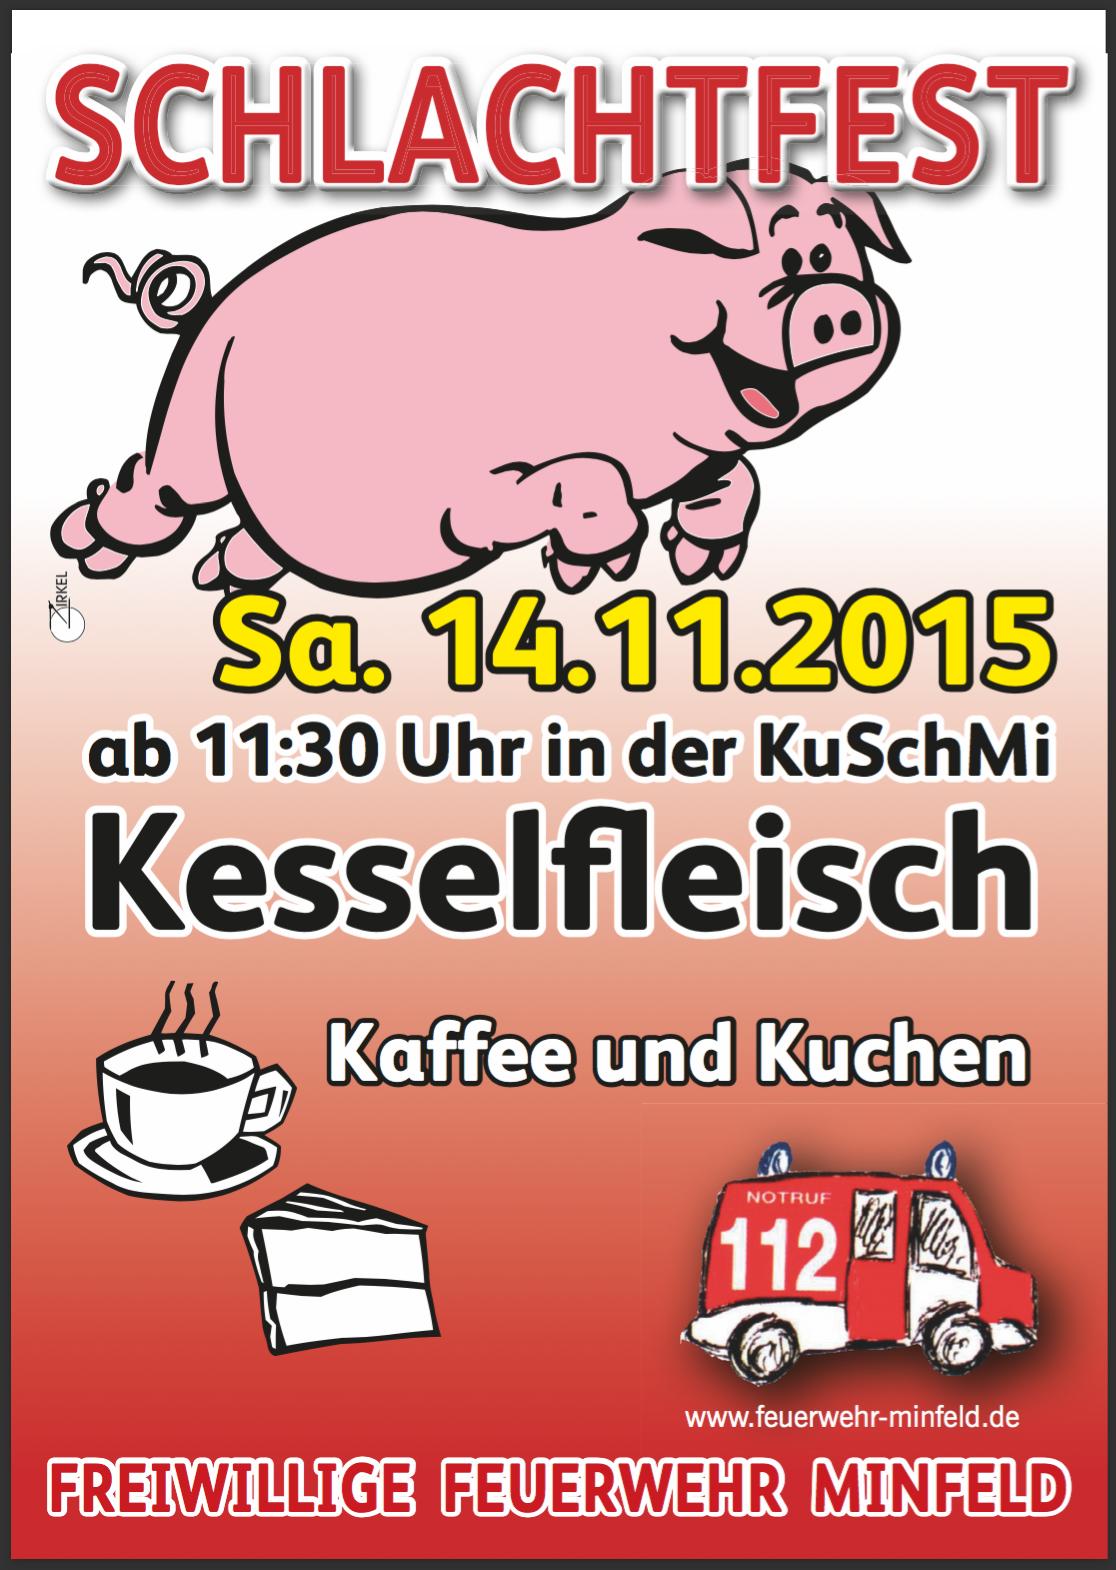 Schlachtfest 2015